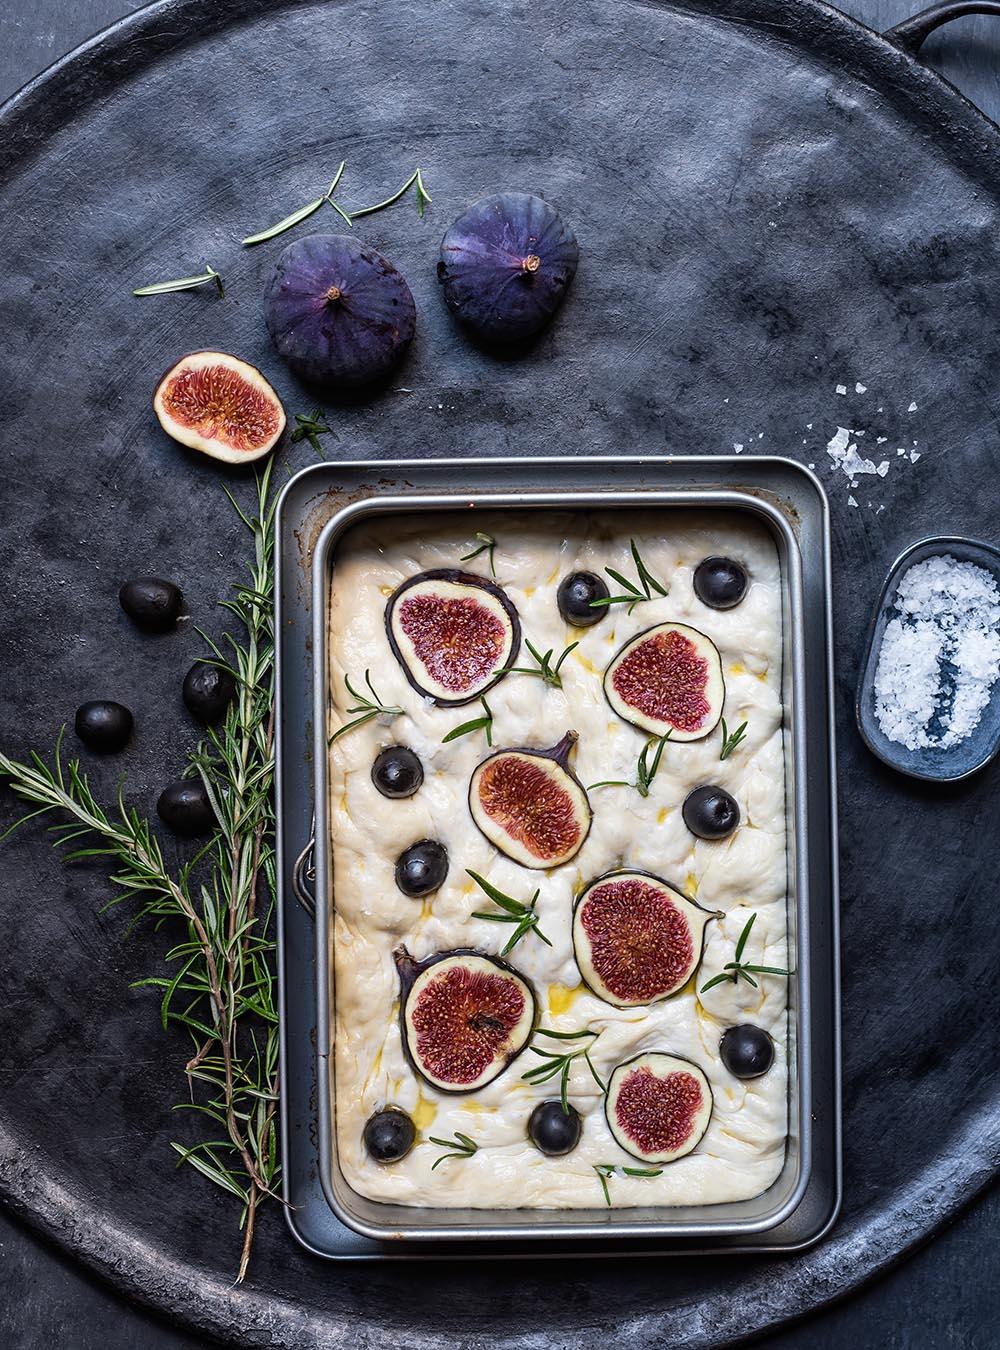 Focaccia mit Feigen belegt wartet auf den Ofen